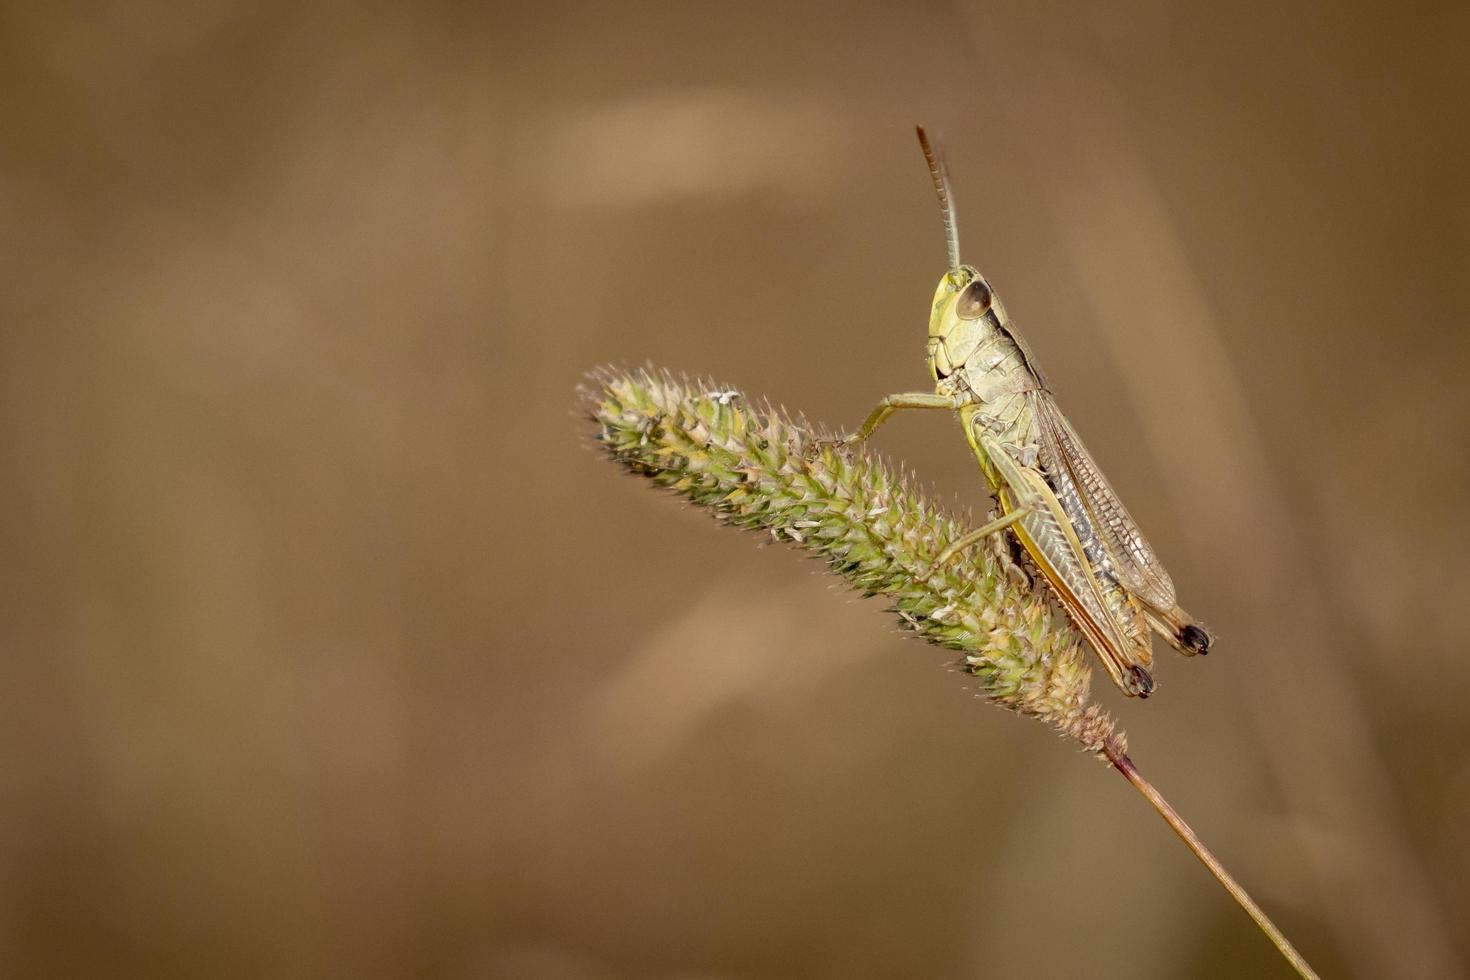 weide sprinkhaan op een sprietje gras foto